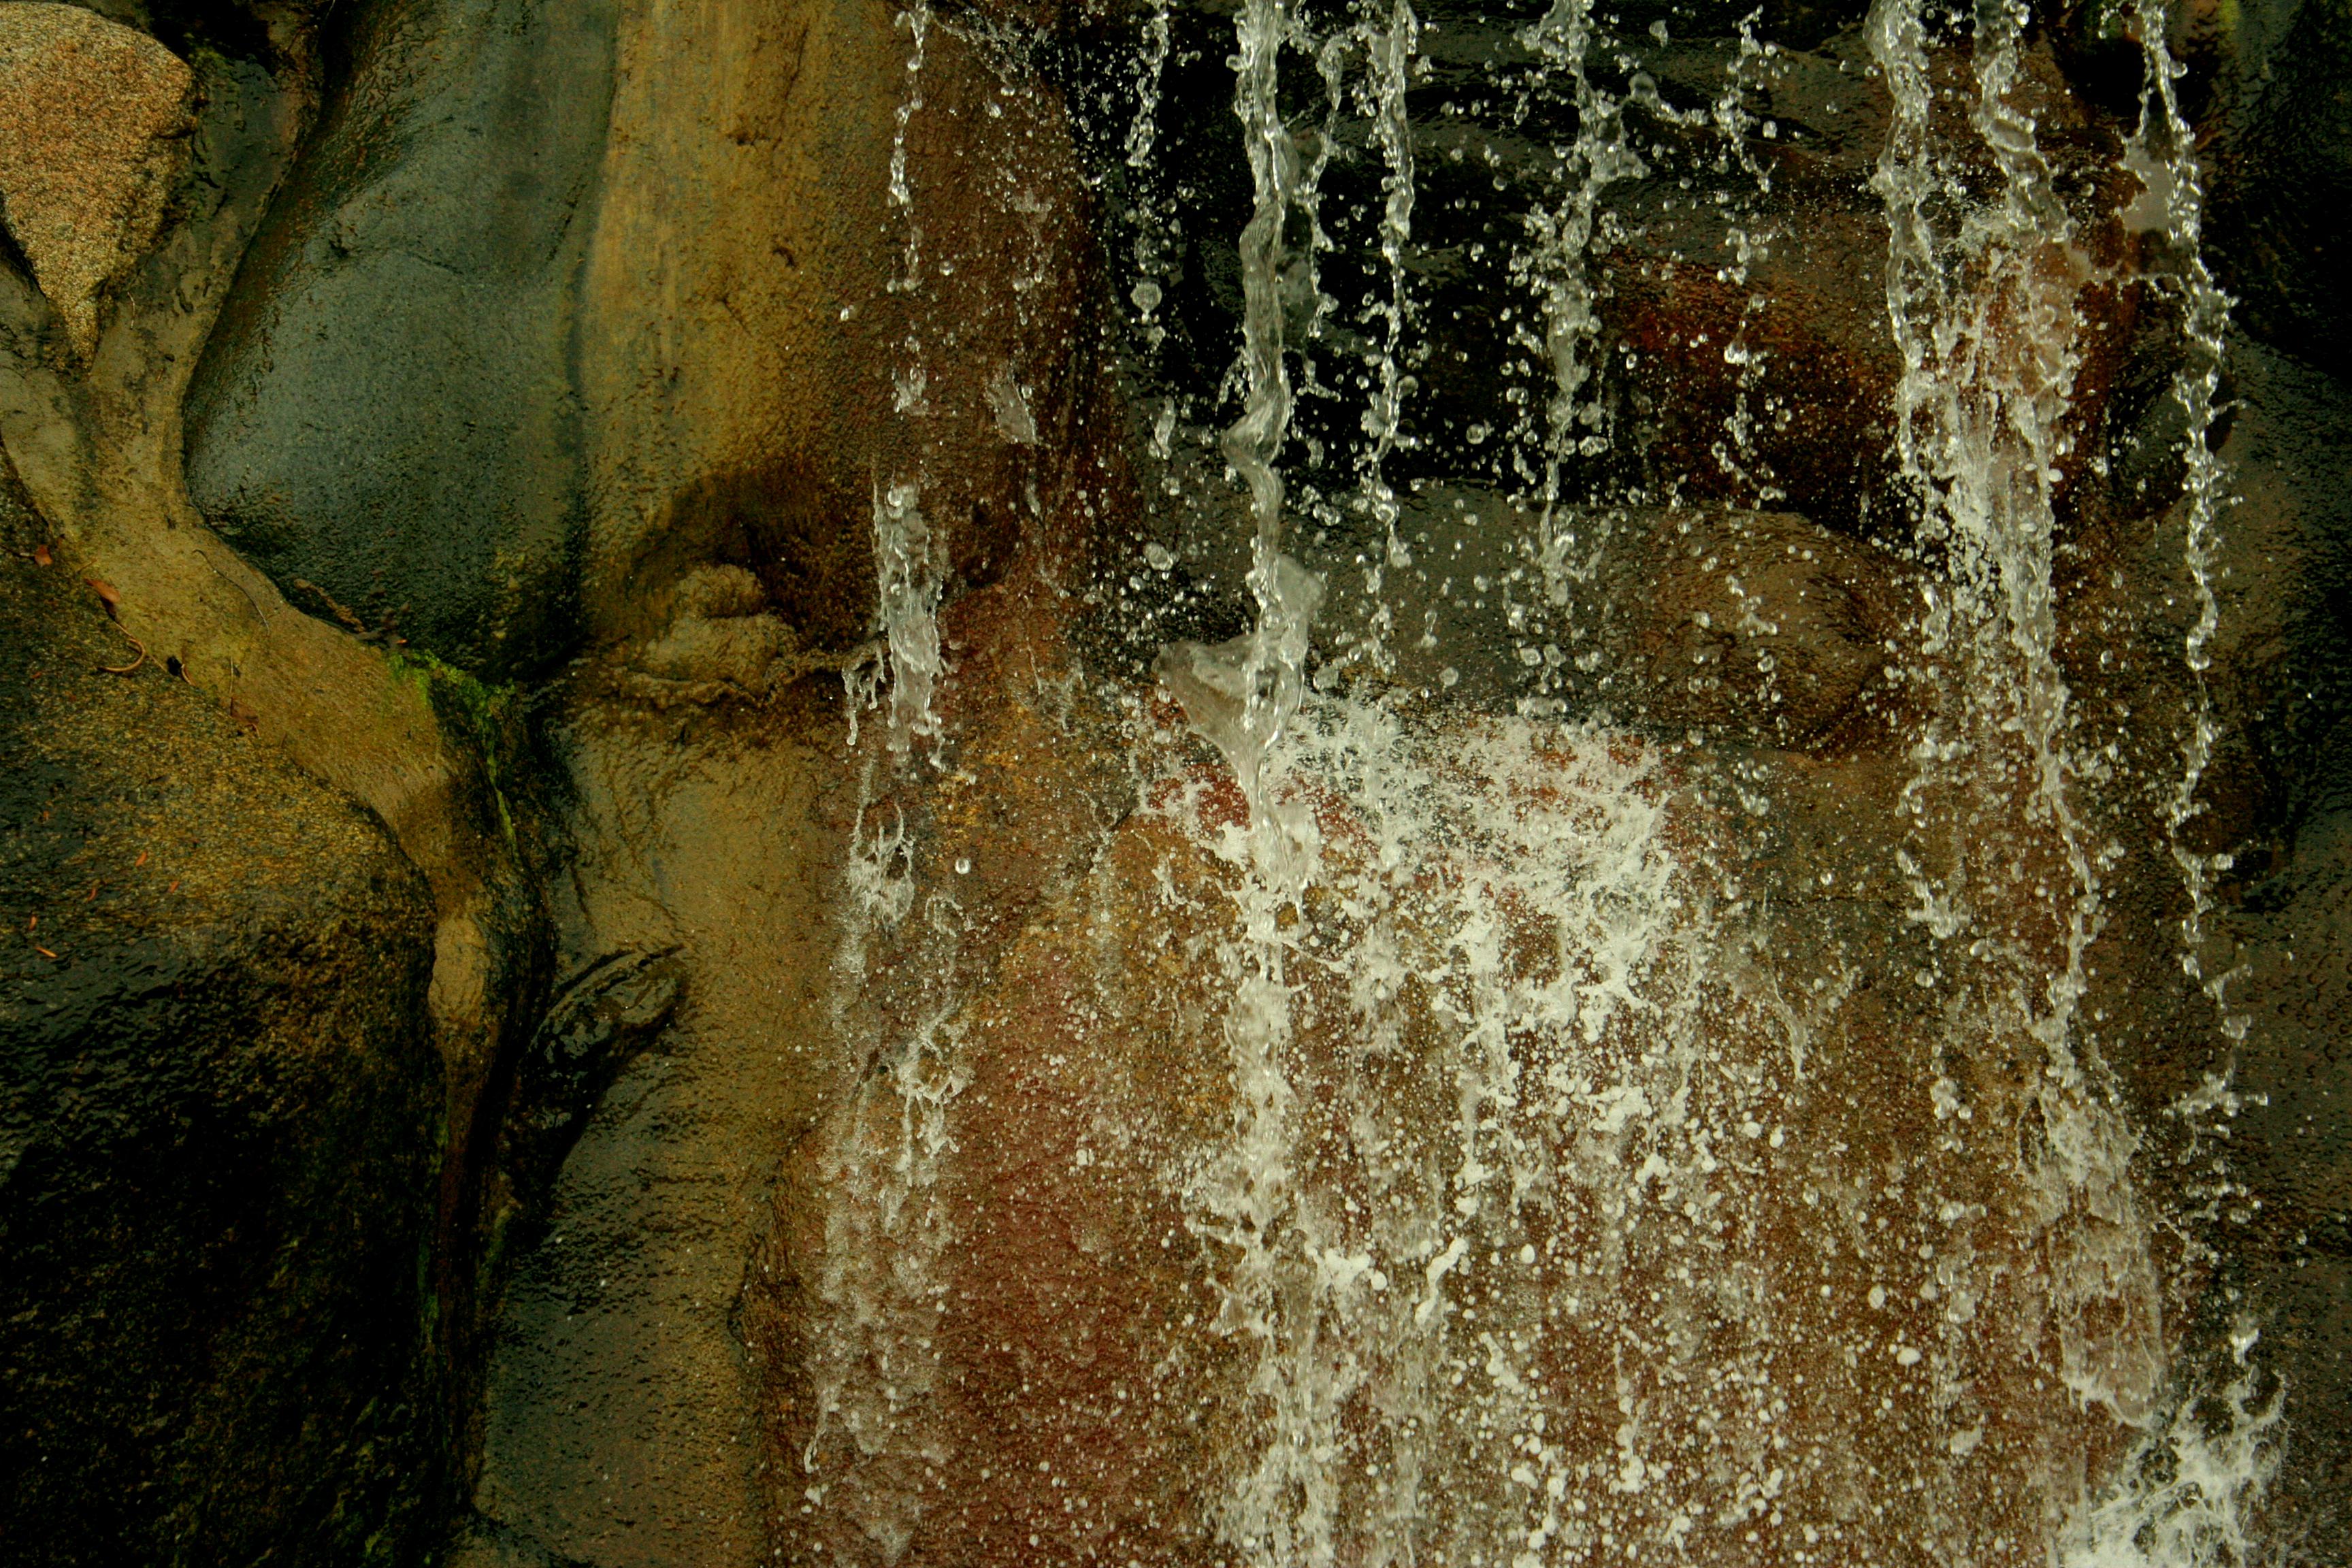 Texturex falling water waterfall rock feature droplet Texturex ...